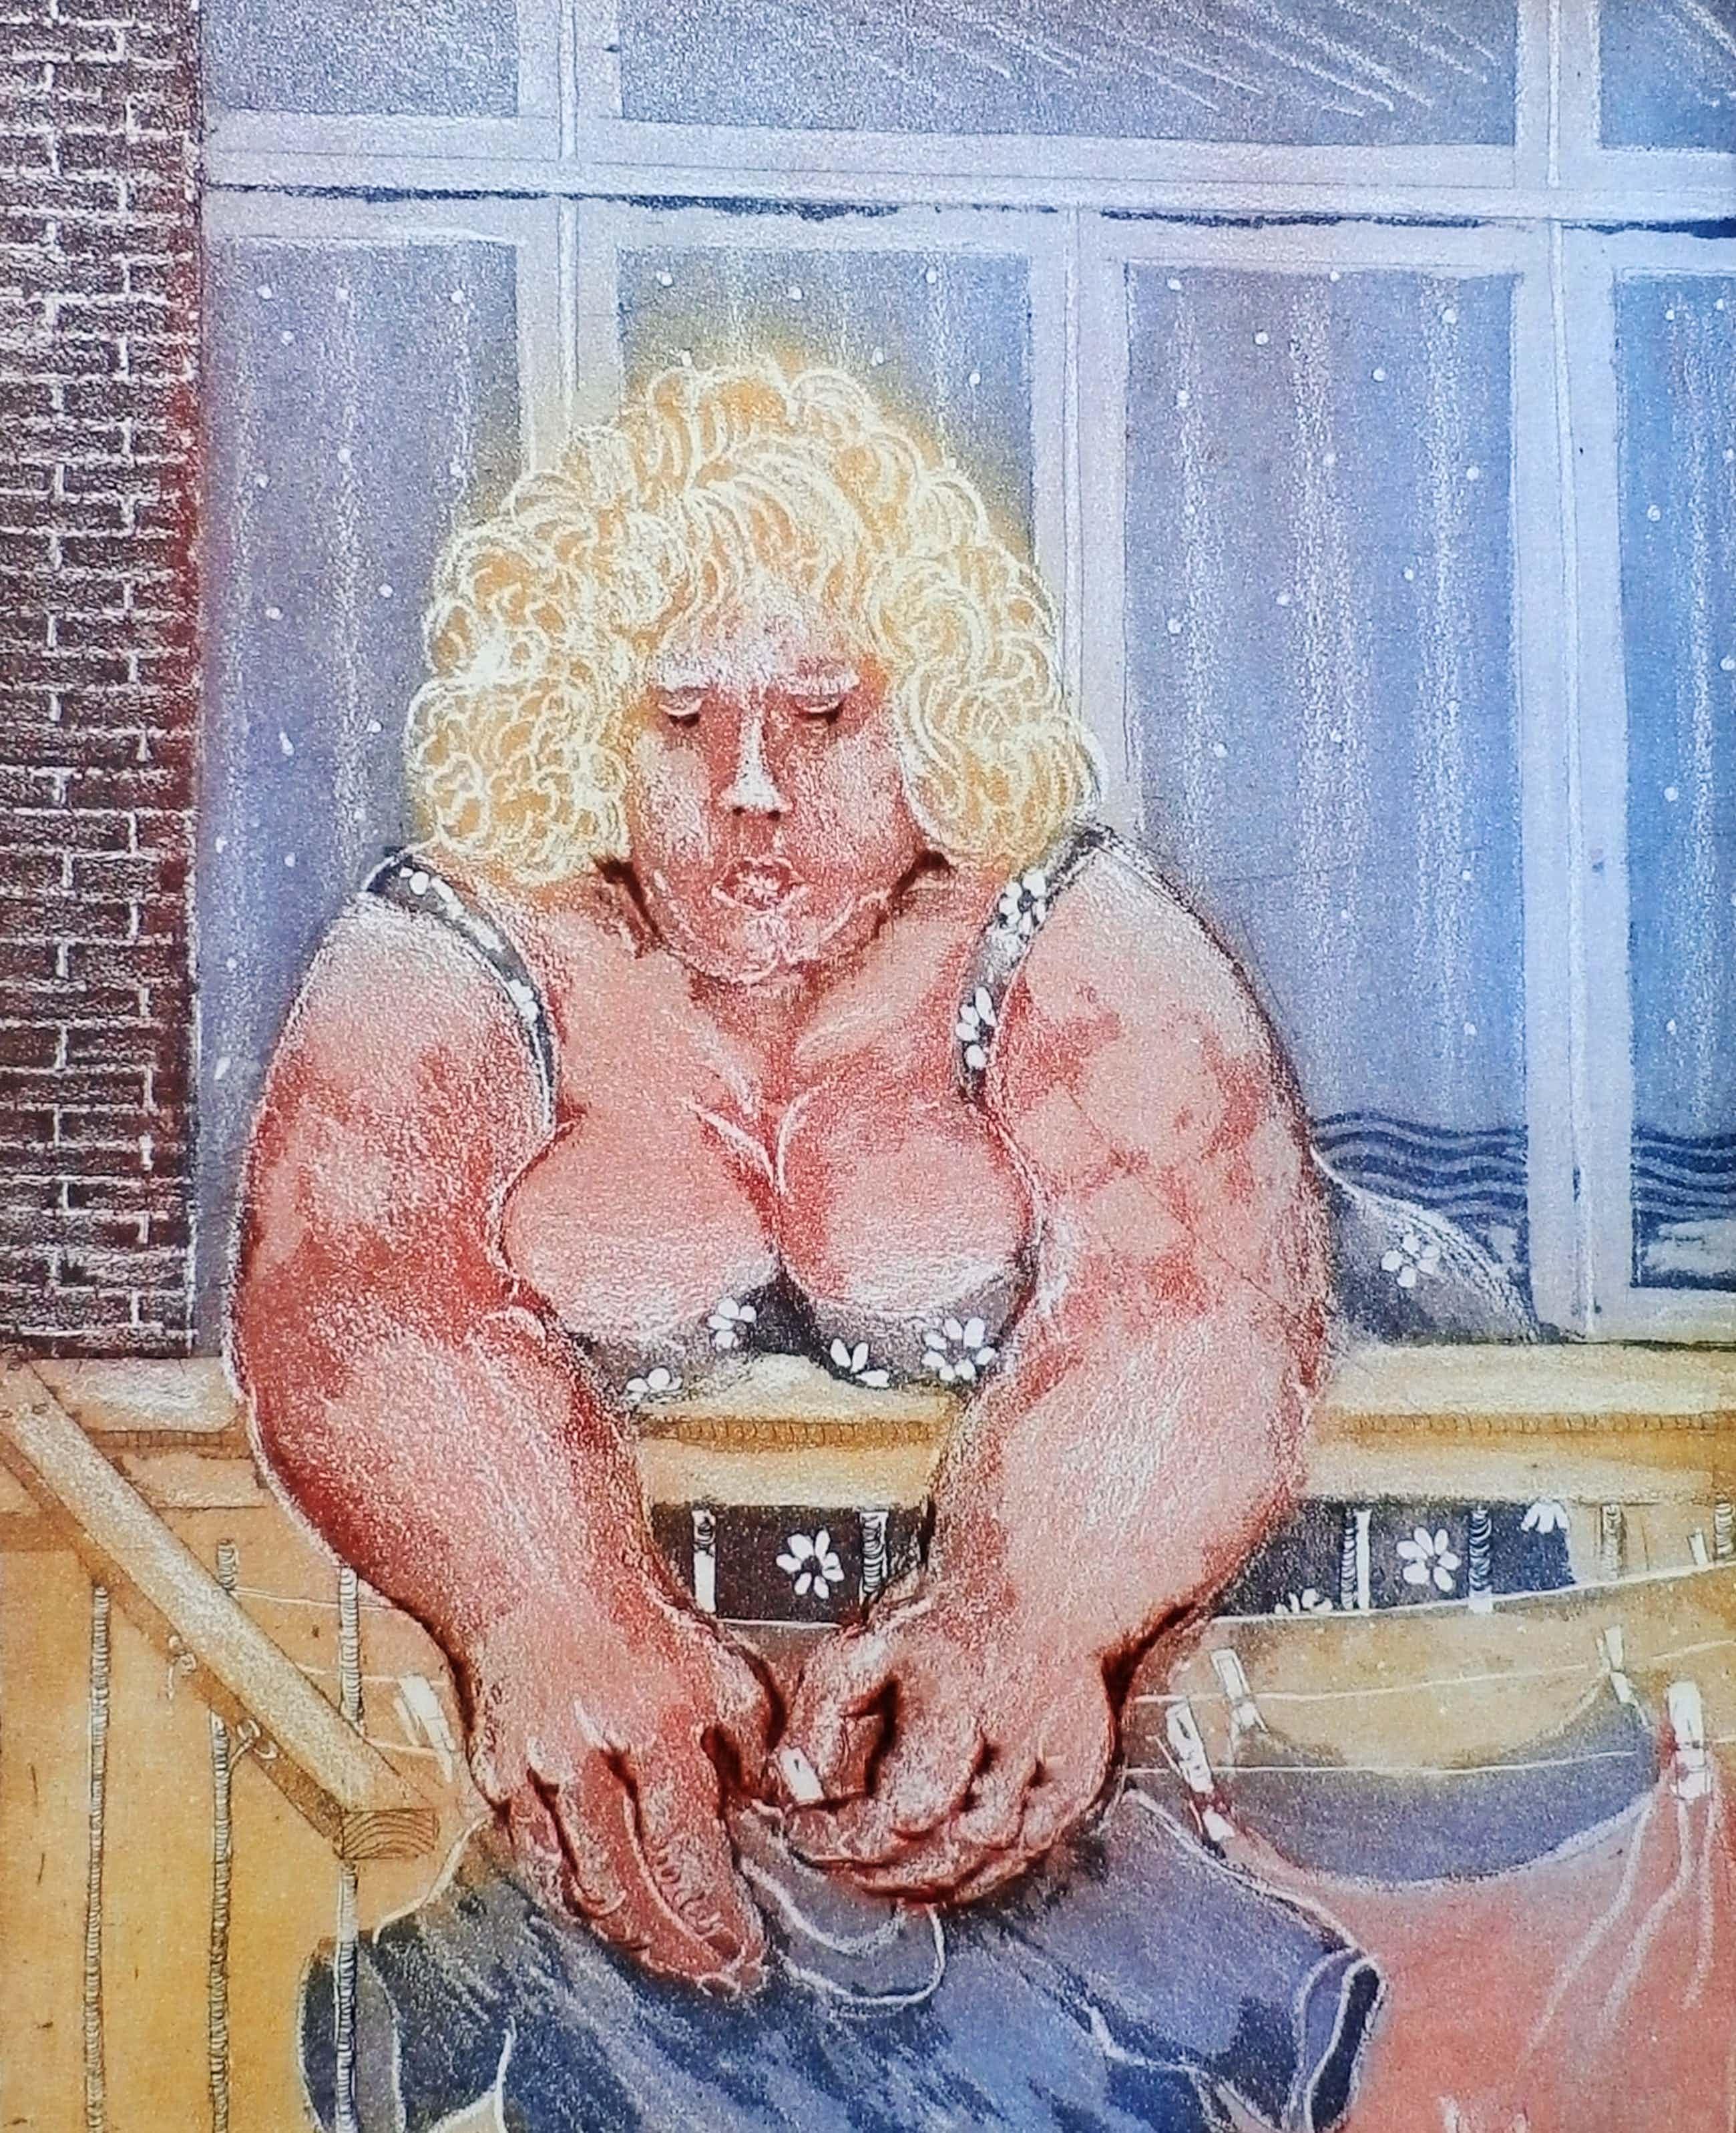 Wim Worm - Ets - 1972 kopen? Bied vanaf 40!